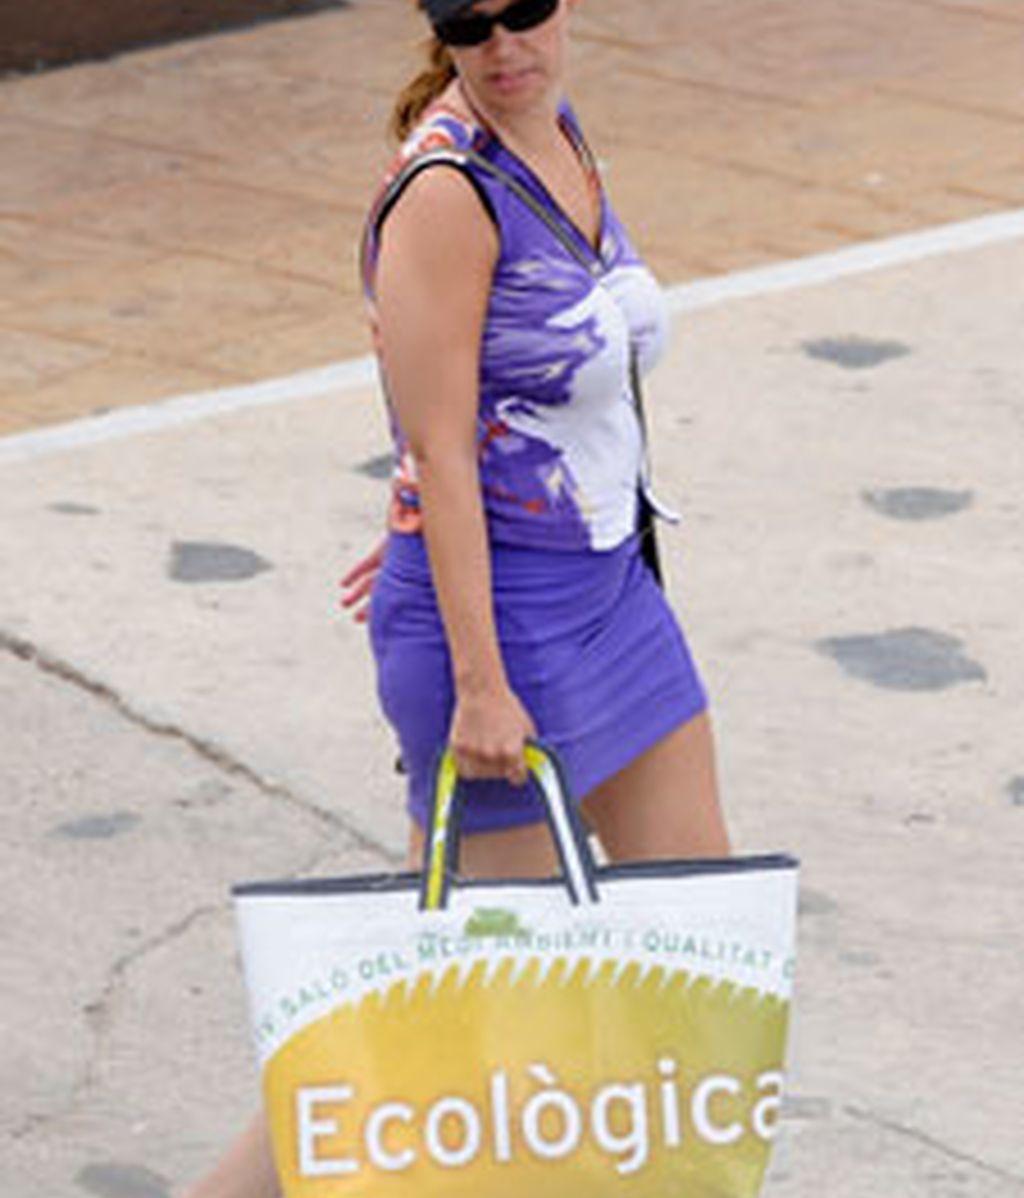 La ministra de Sanidad, Leire Pajín, camina durante sus vacaciones en Menorca. Foto: Gtres